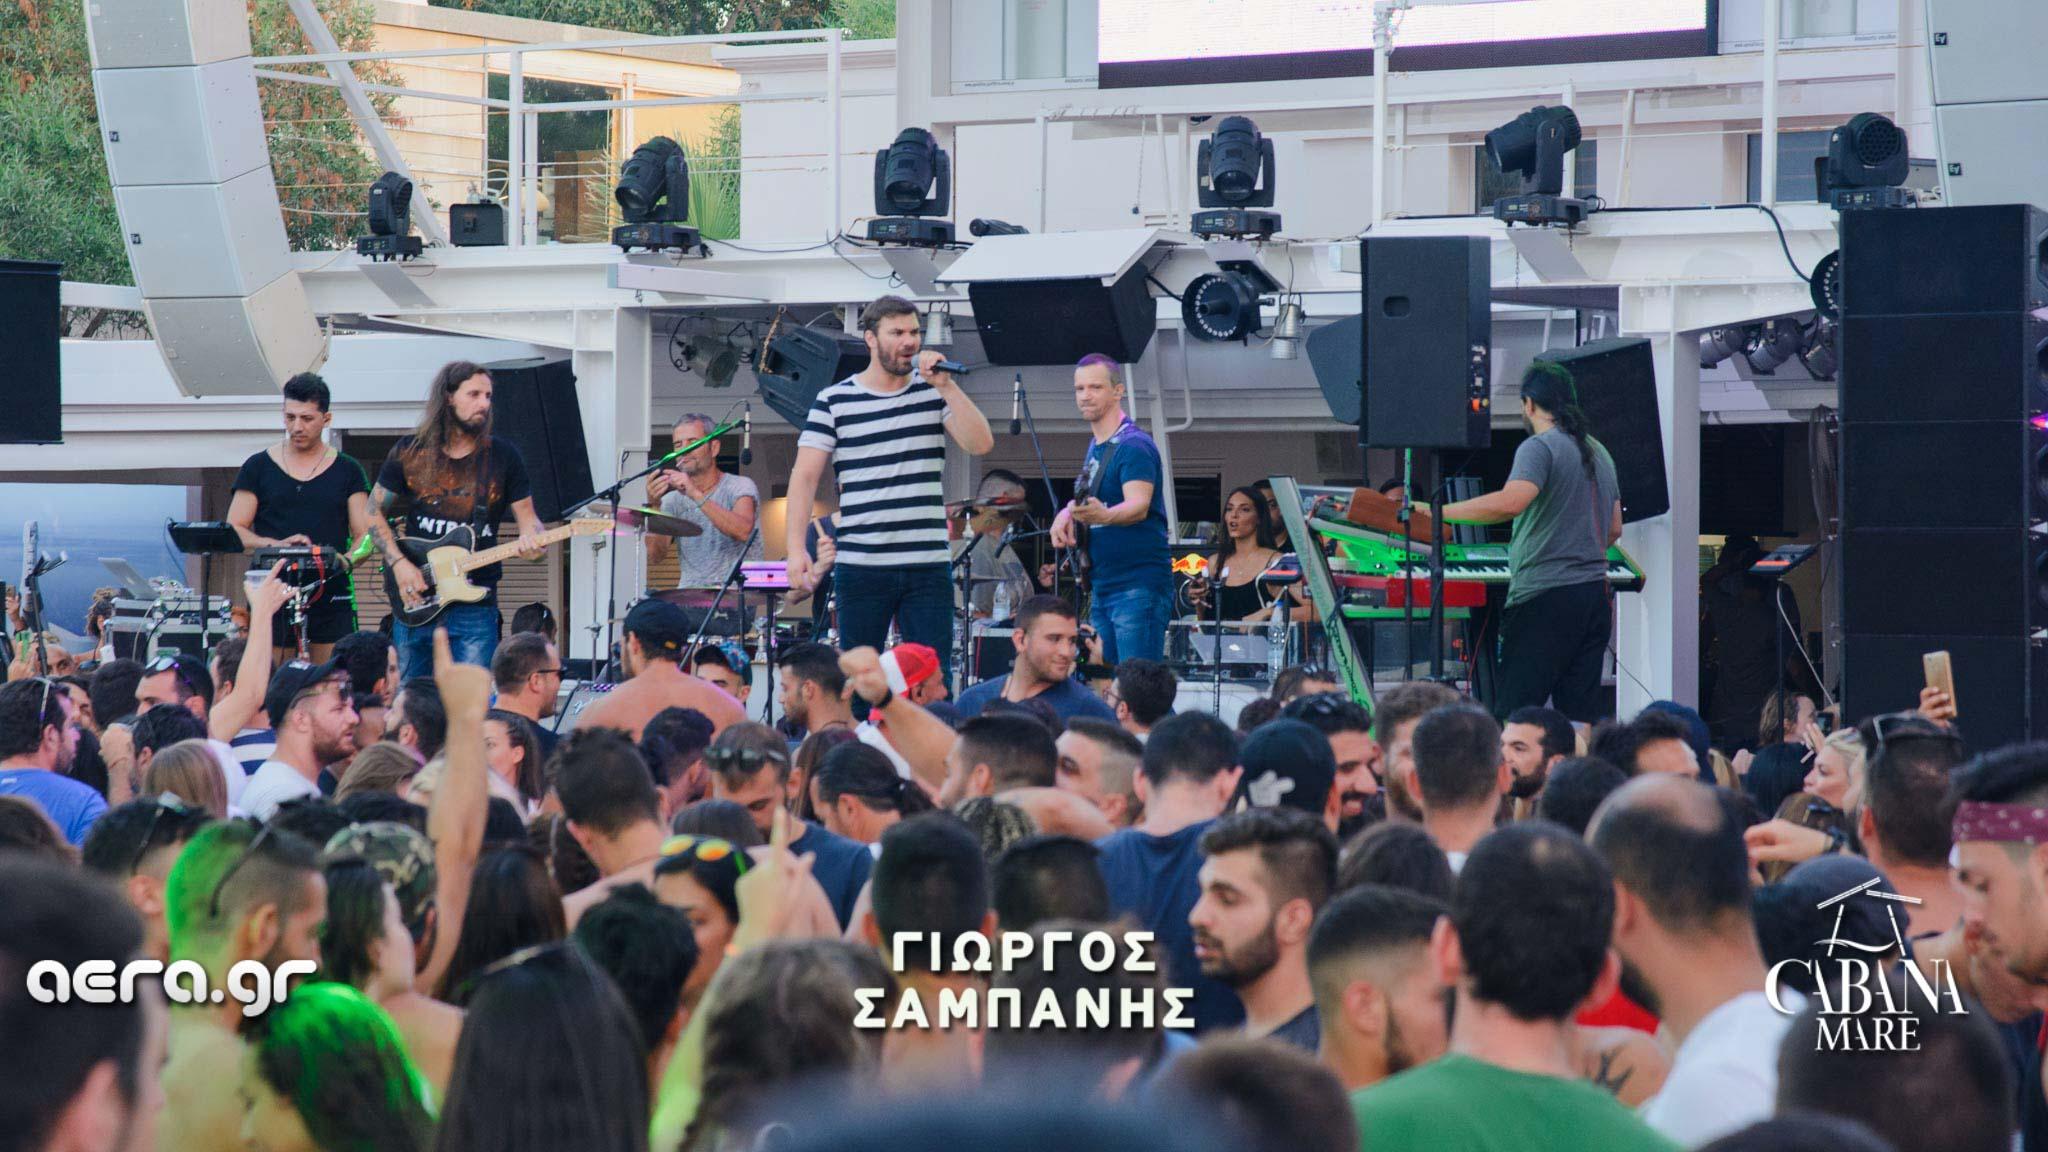 02.07.17 Γιώργος Σαμπάνης Live   Cabana Mare - aera.gr online 12c107b2c10